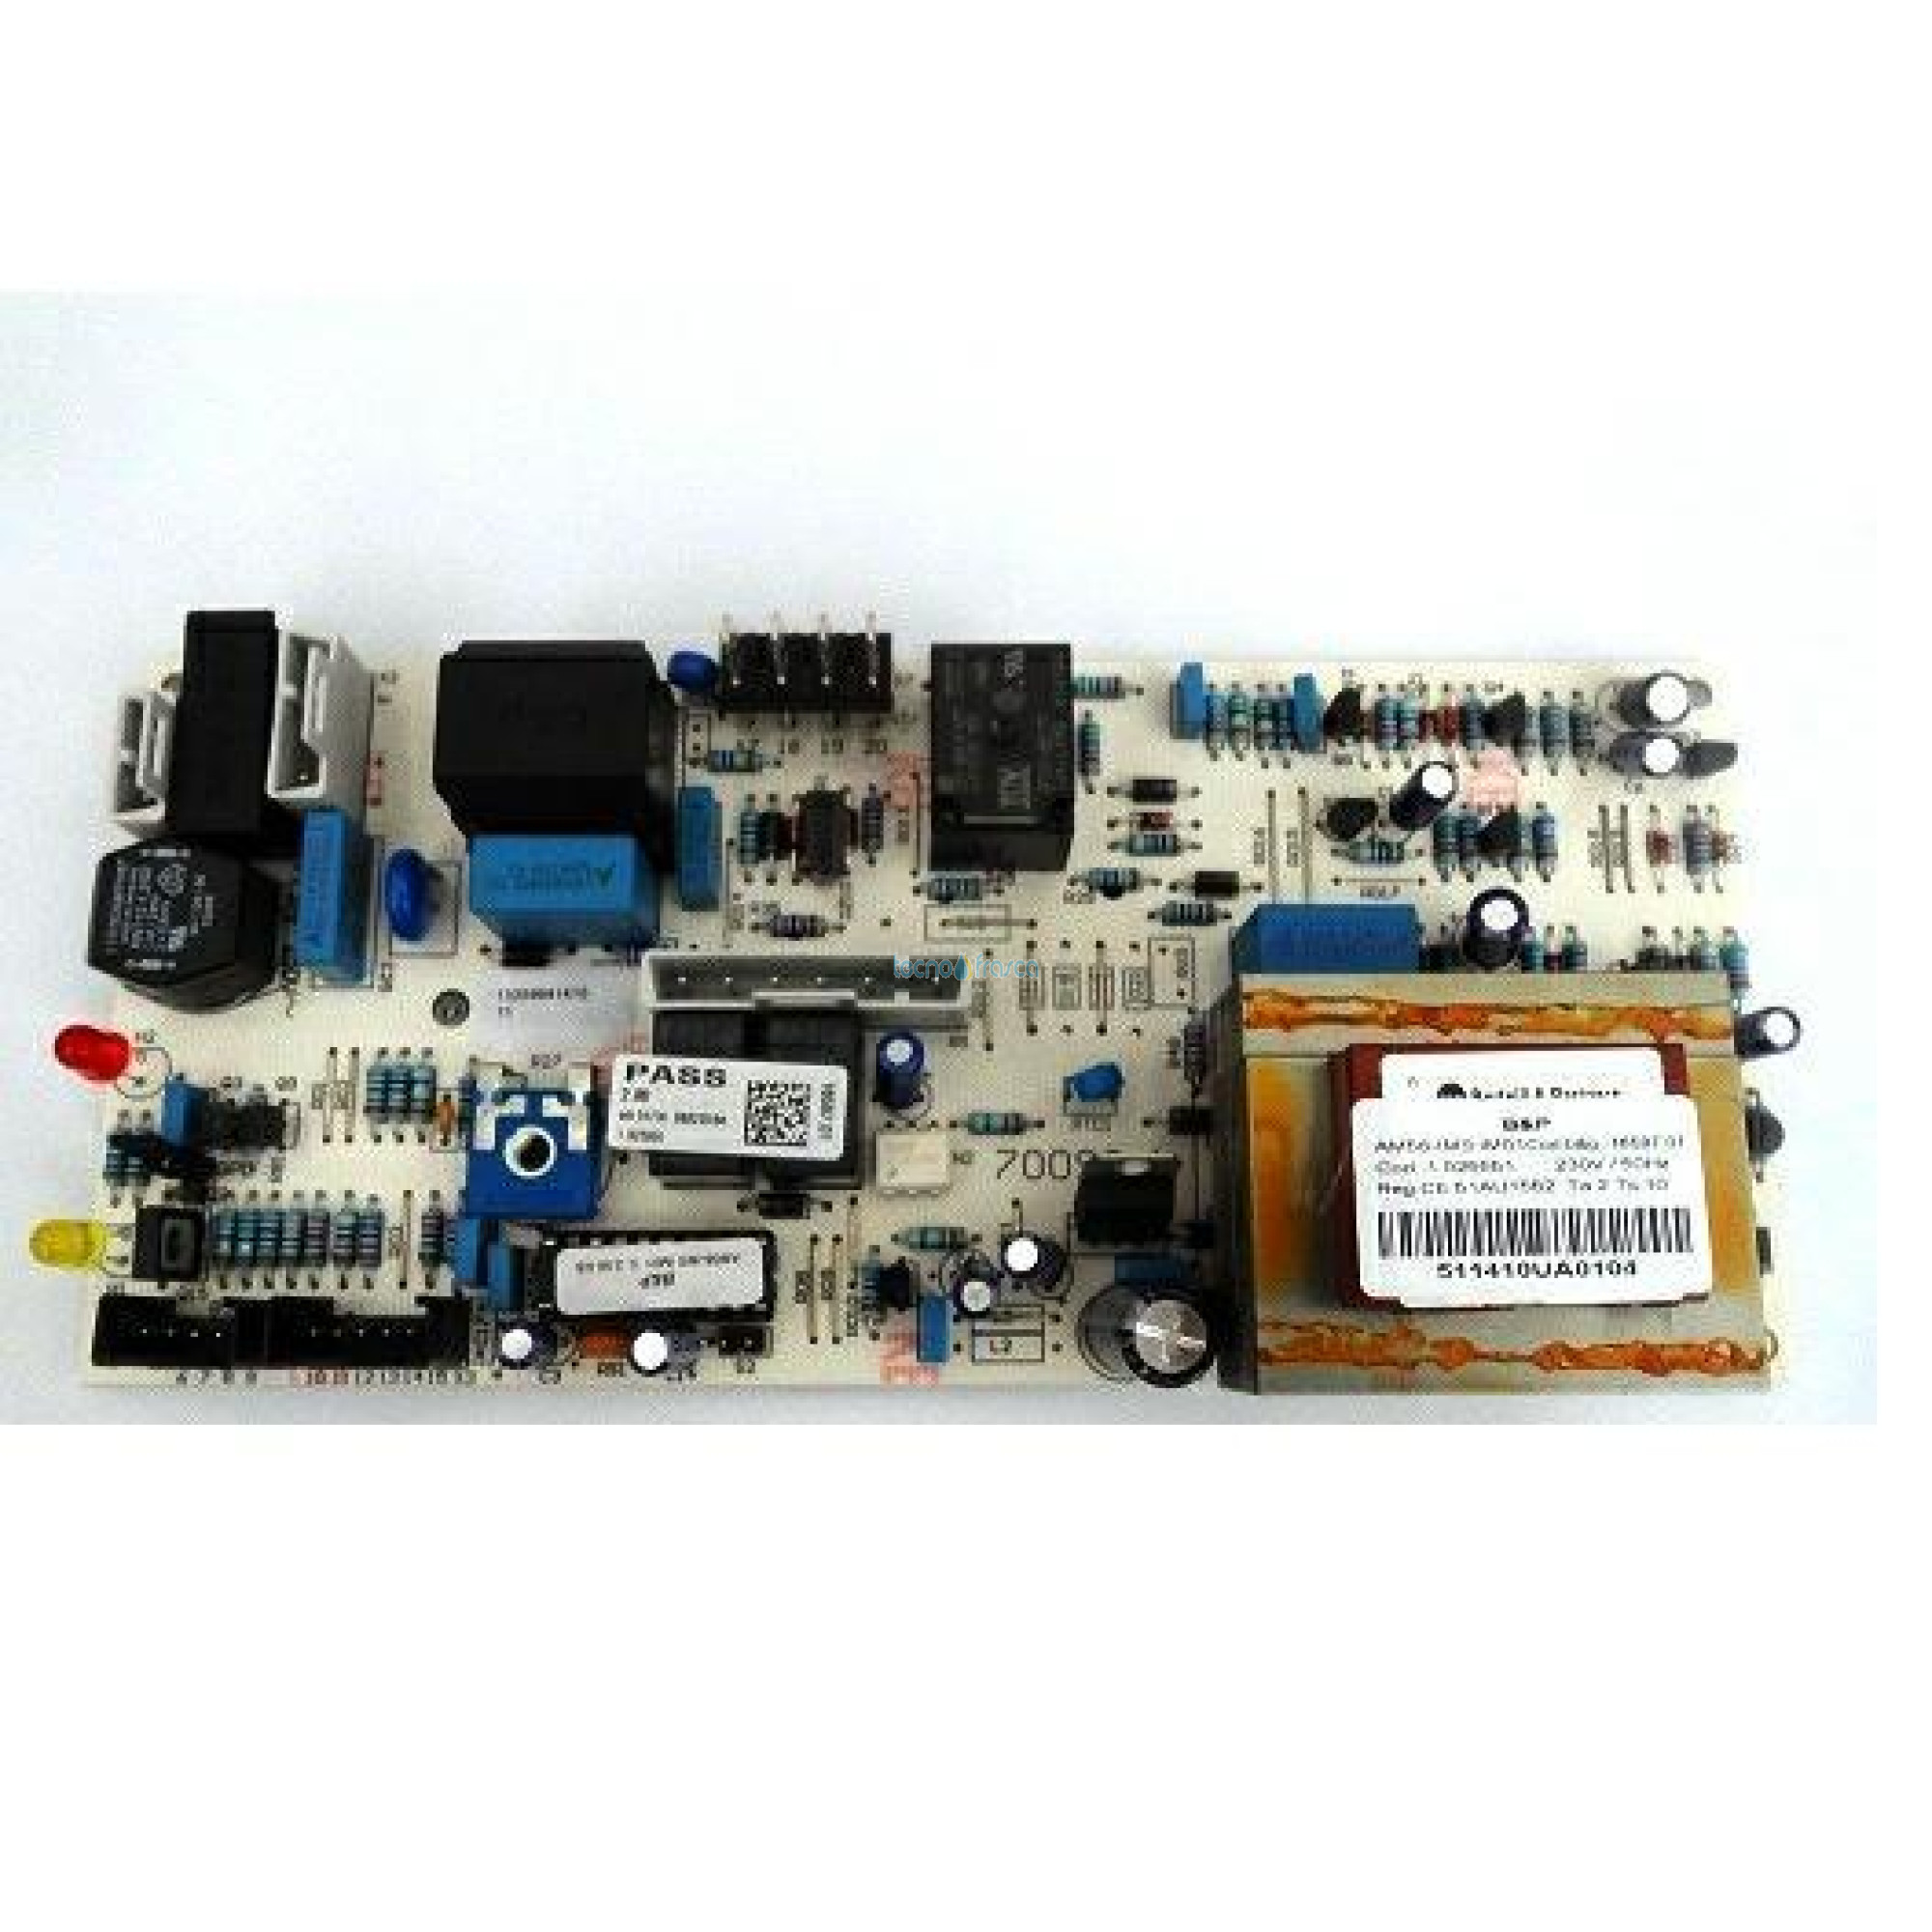 Immergas scheda elettronica caesar s.caesar gs-ims am58 1.025551